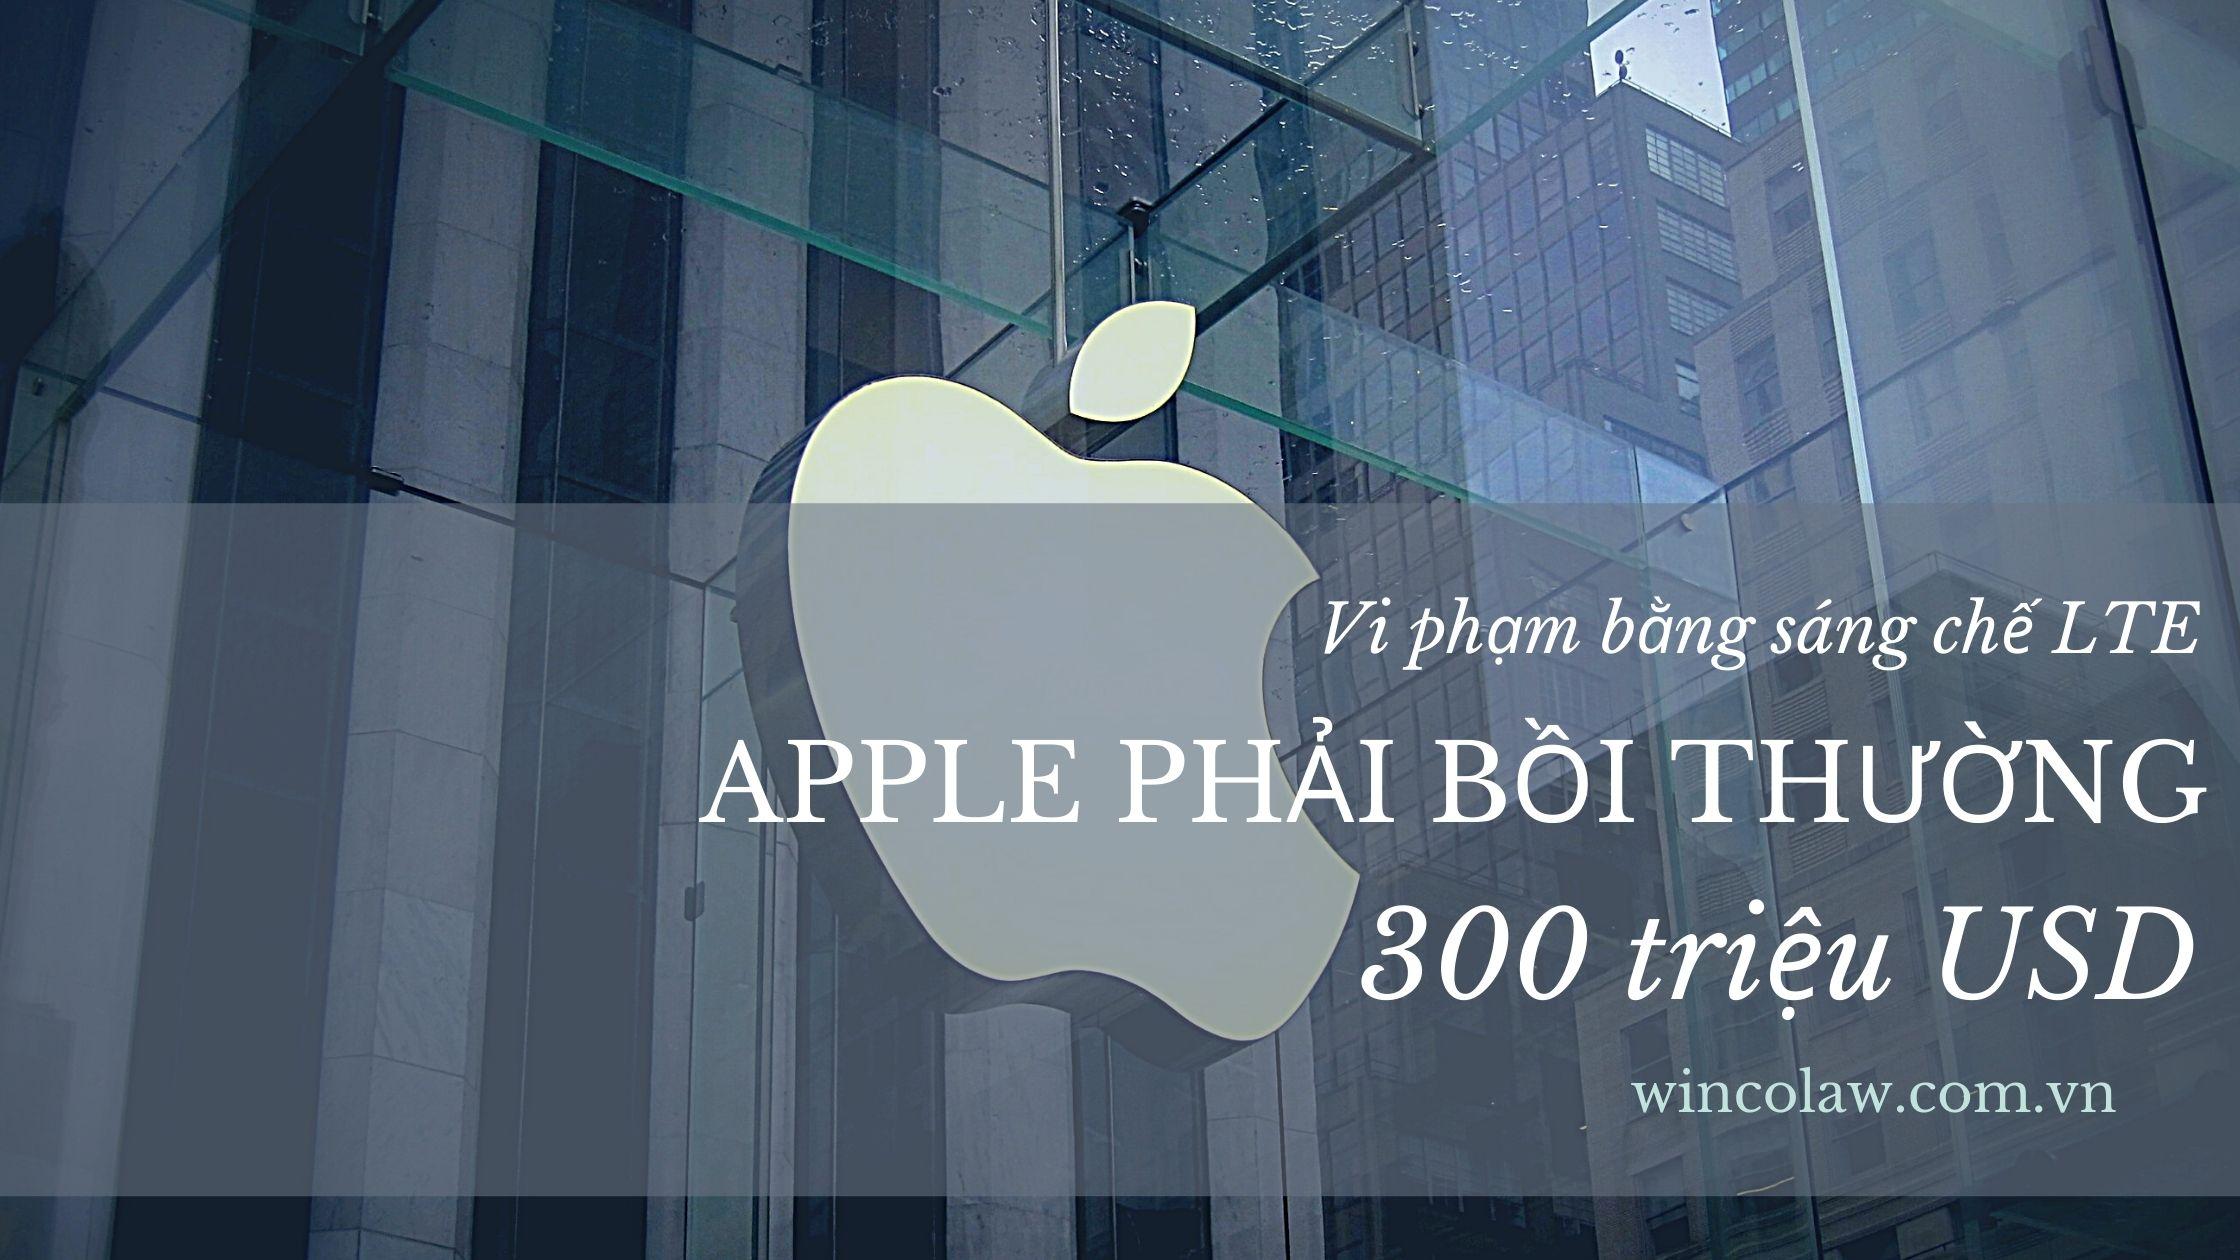 Vi phạm bằng sáng chế LTE, Apple phải bồi thường 300 triệu USD